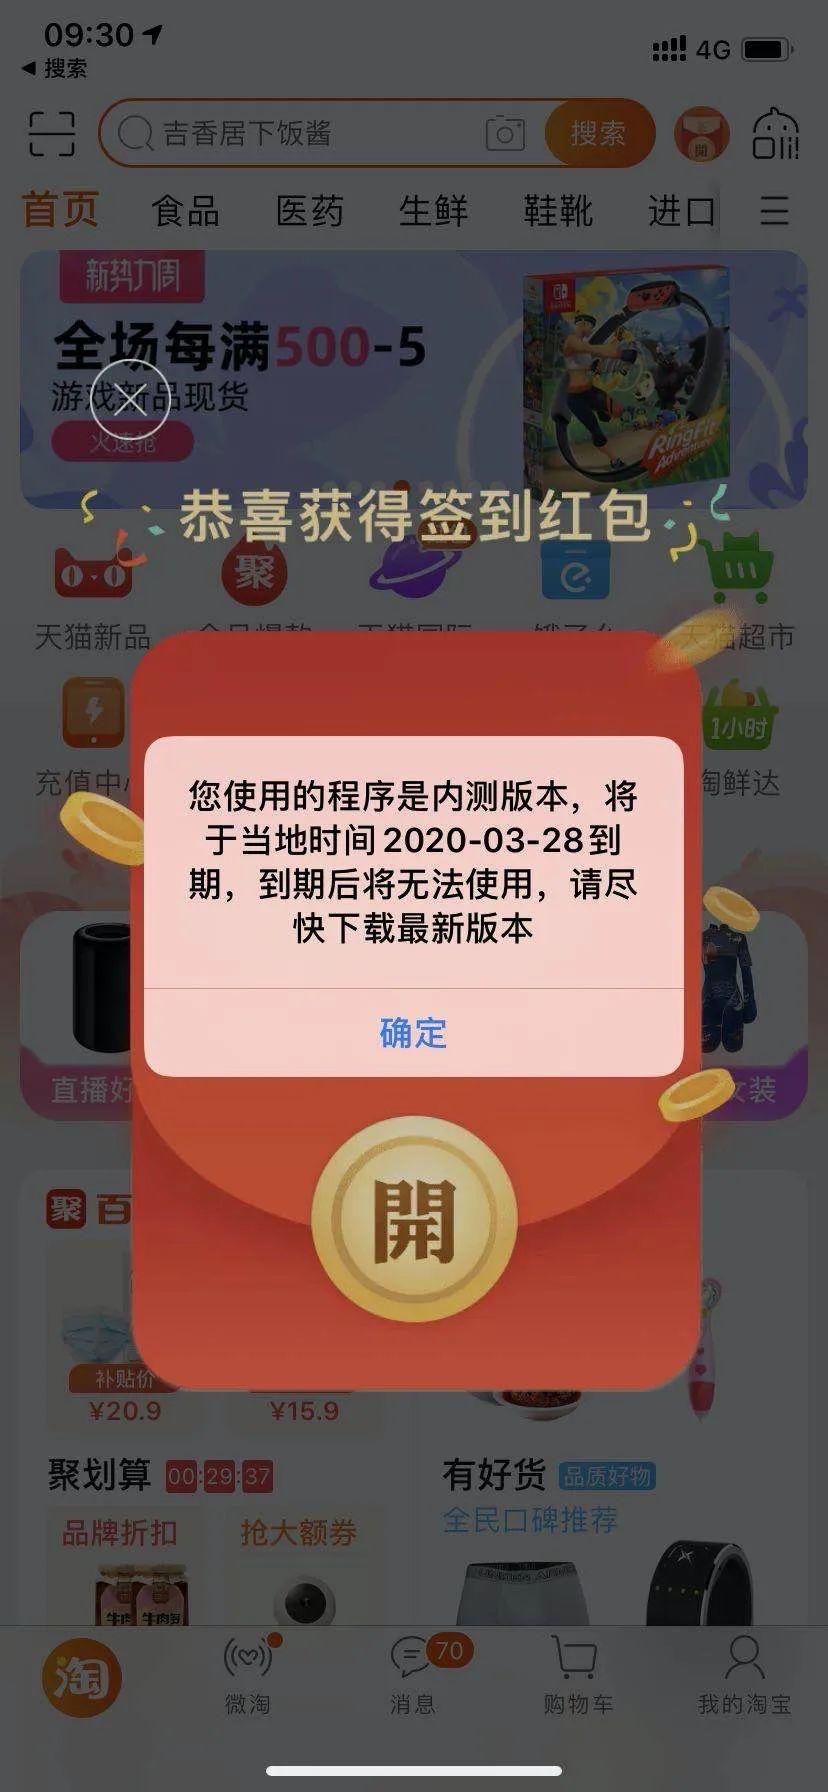 网传阿里工程师因为3.25绩效植入脚本,使得淘宝弹窗一天未修复!【辟谣】